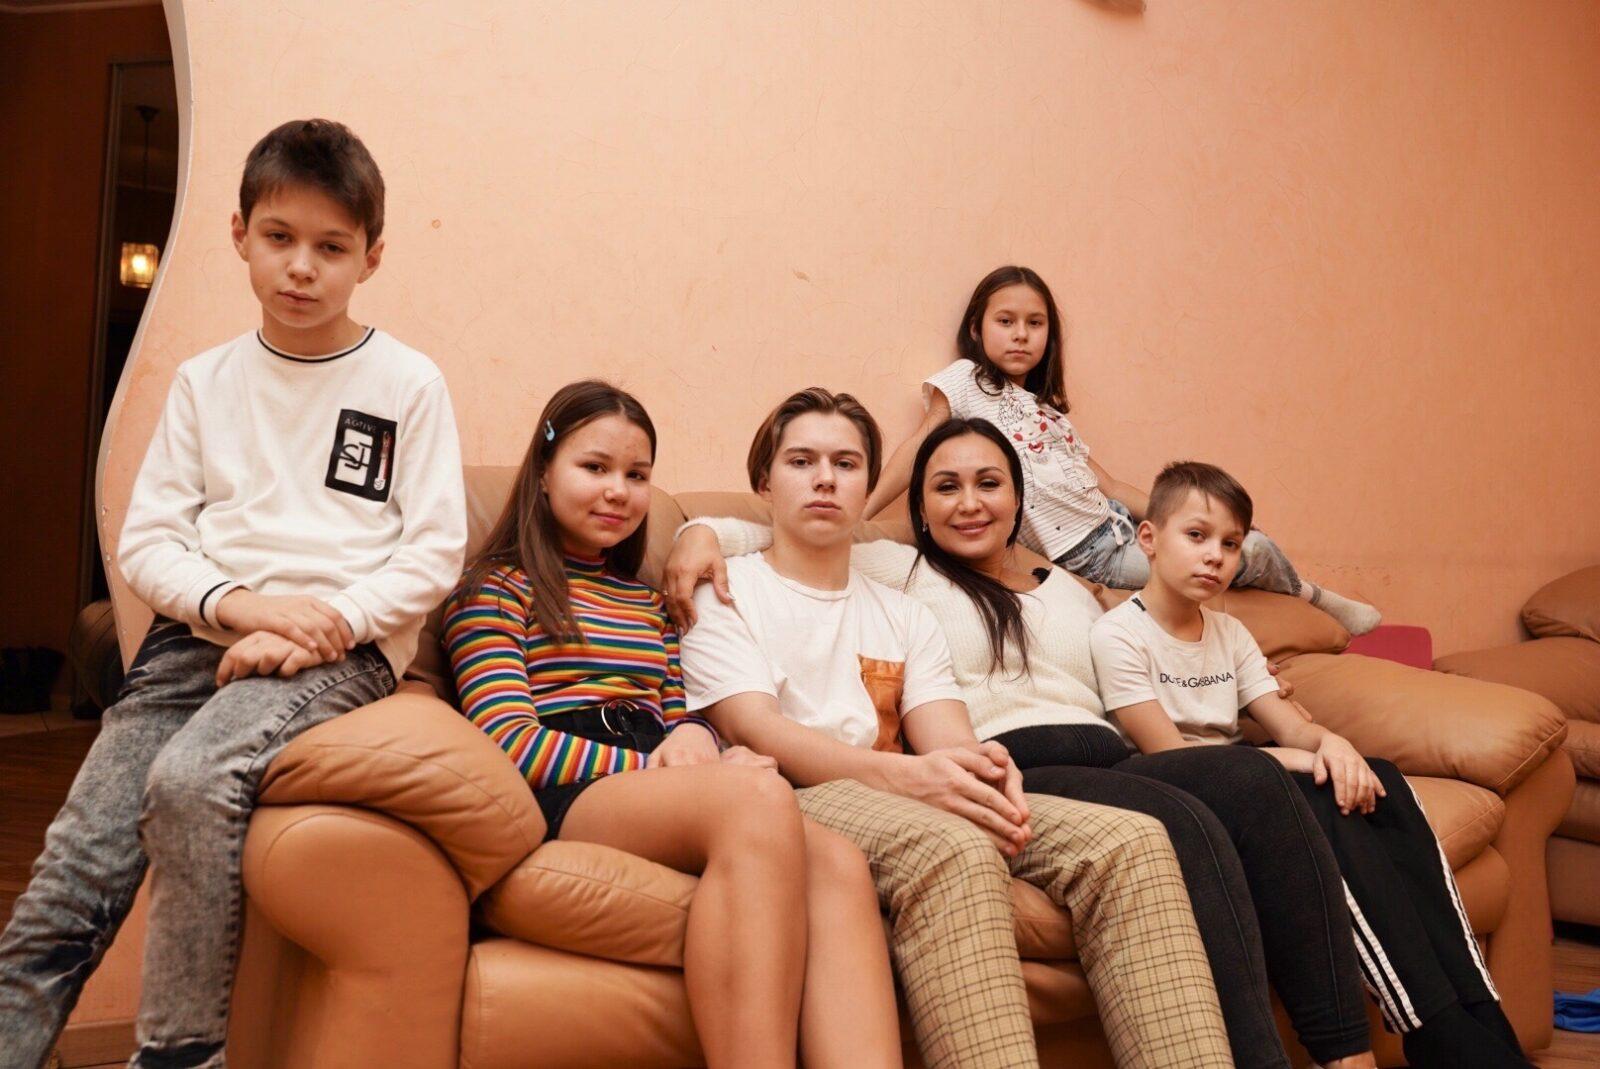 Семь семей и все счастливы: итоги праздничной акции РИА «Верхневолжье»